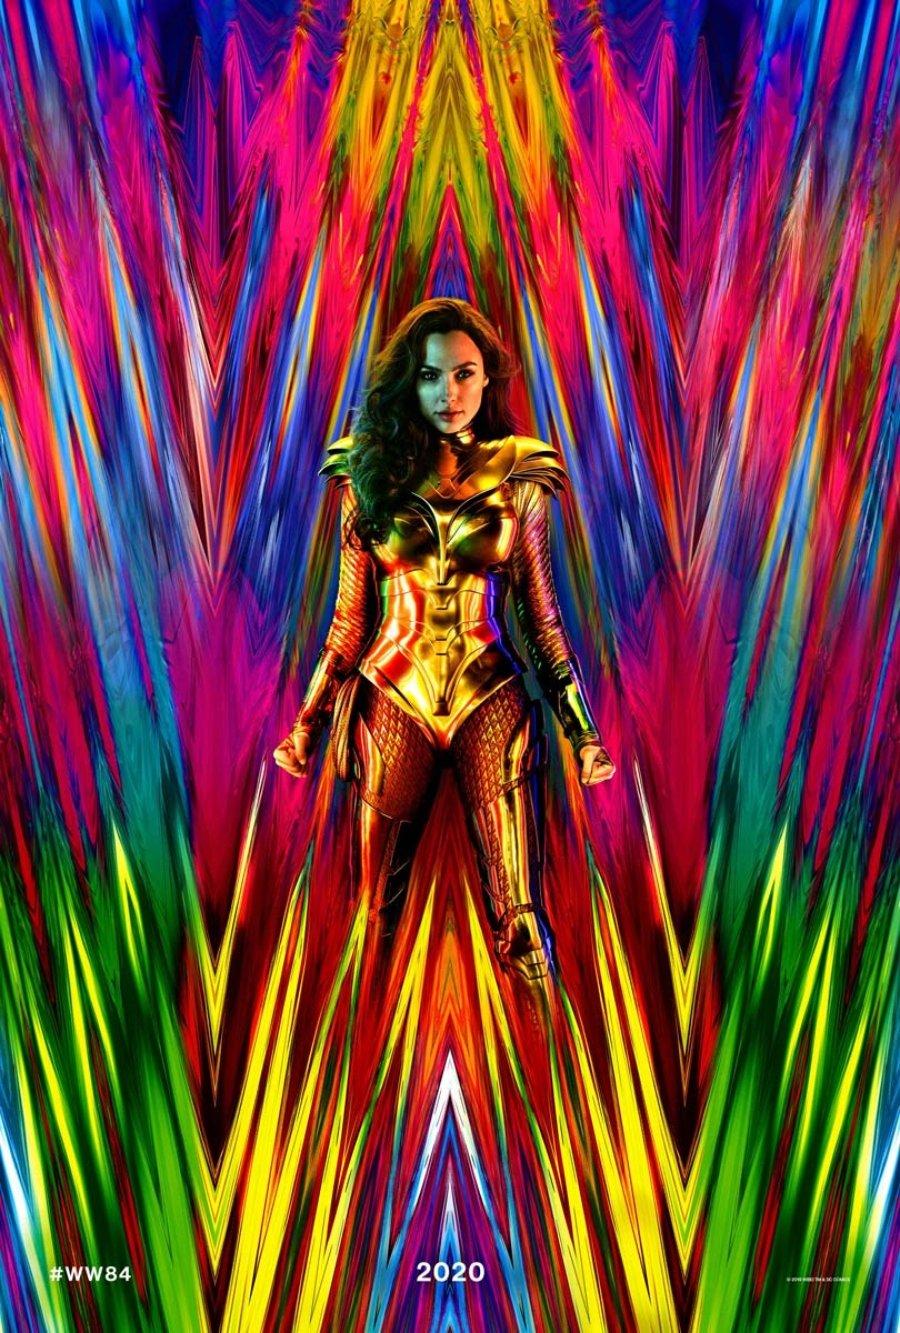 Poster oficial de Wonder Woman a estrenarse a finales de año